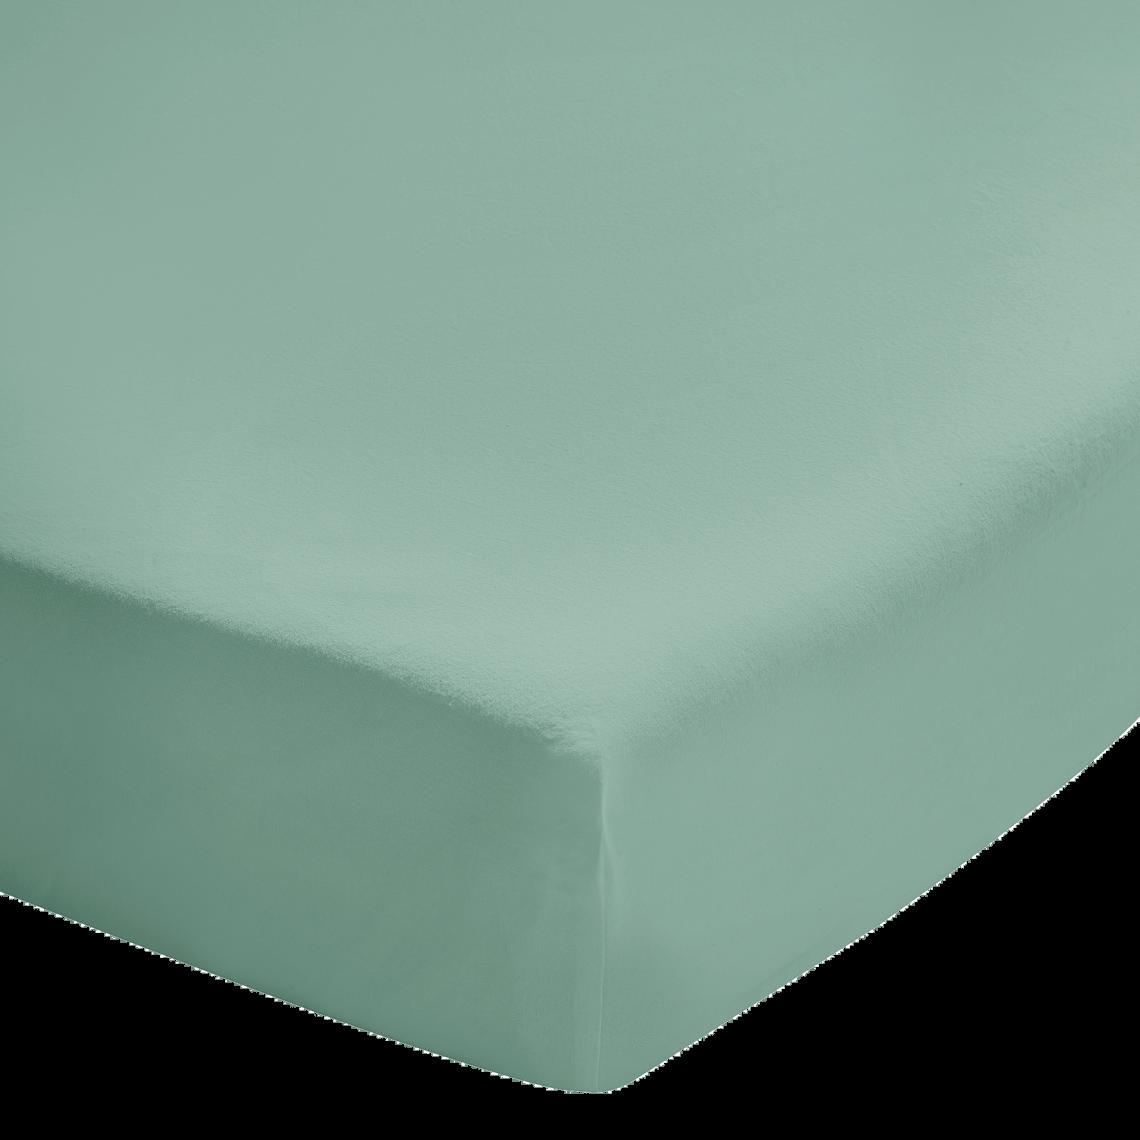 drap-housse-coton-lave--soft-line-vert-fumee-1230805-1_1140x1140